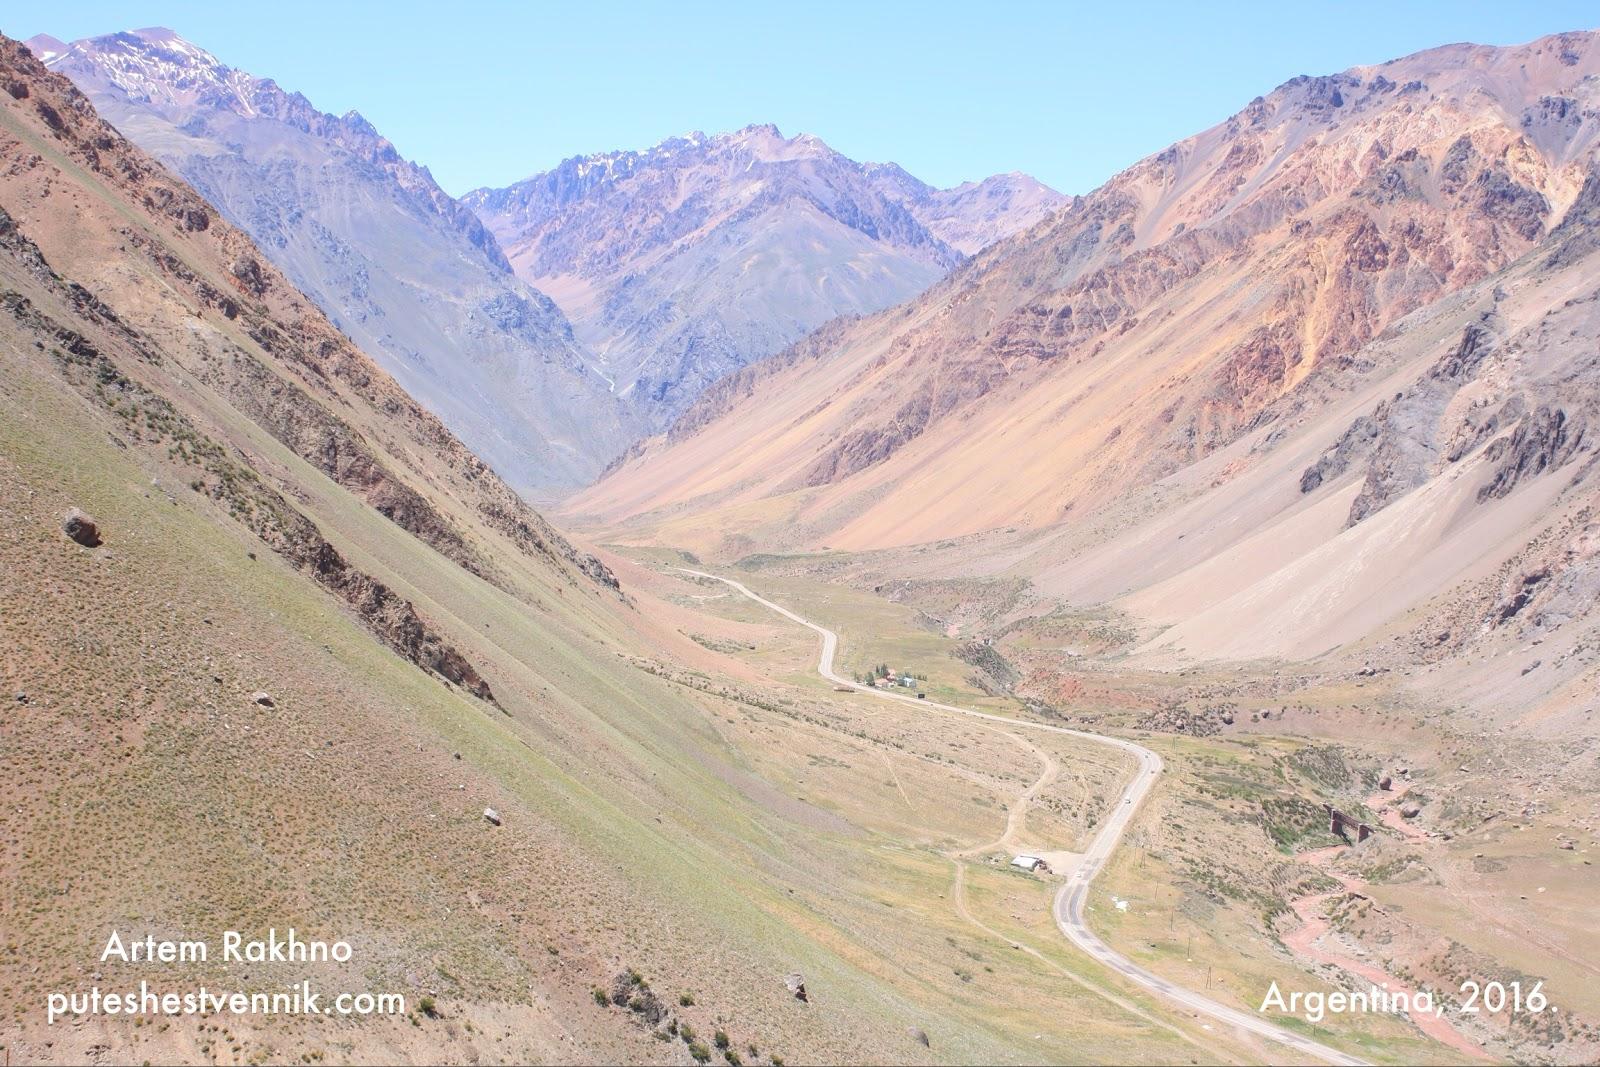 Дорога в горах Аргентины